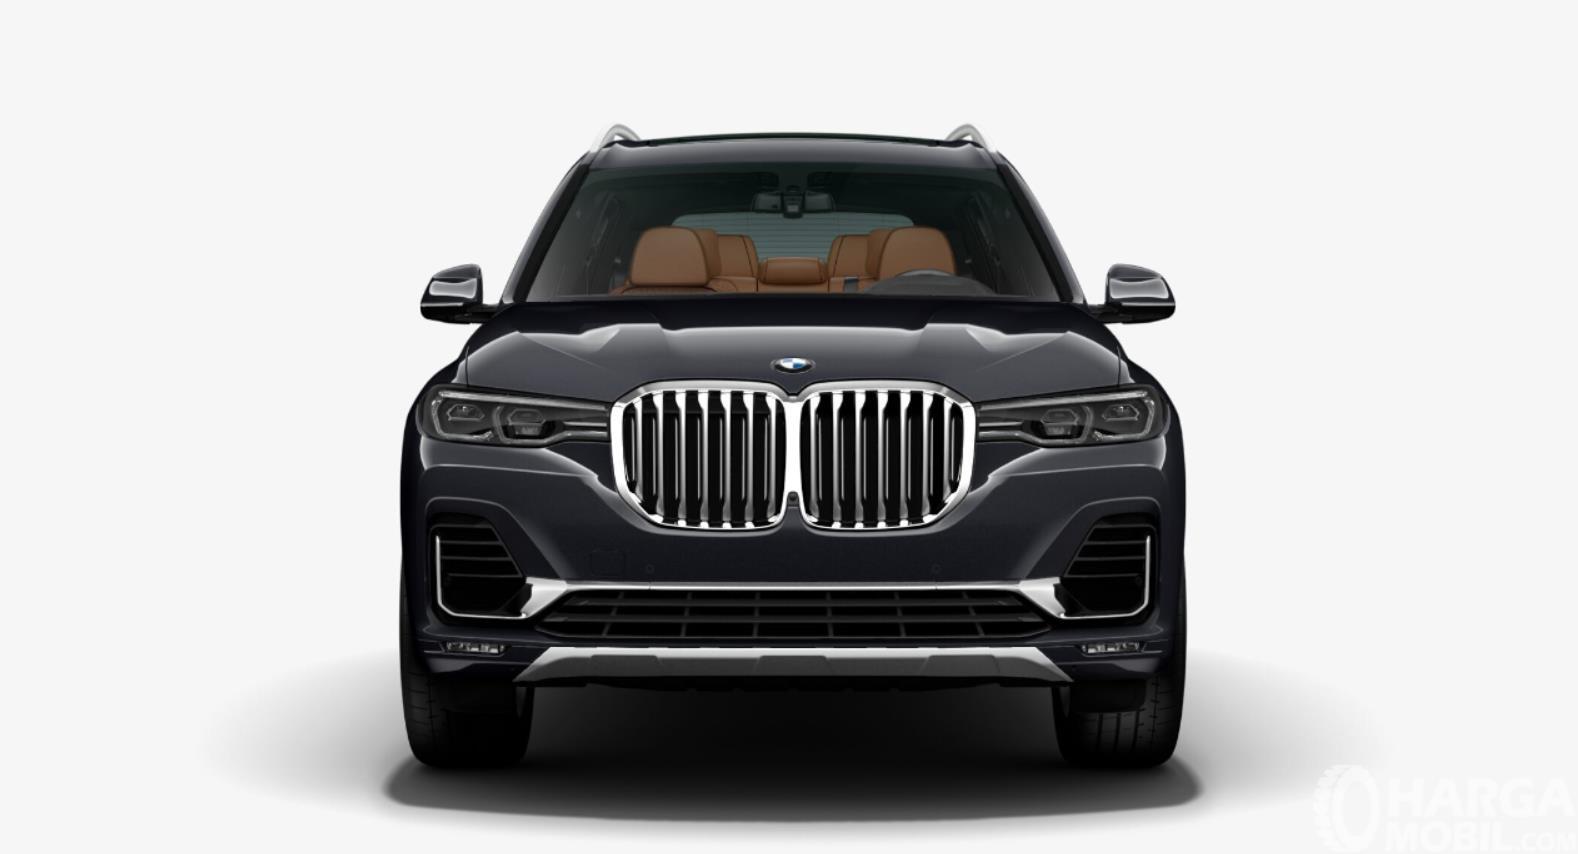 Foto menunjukkan Tampilan depan BMW X7 2019